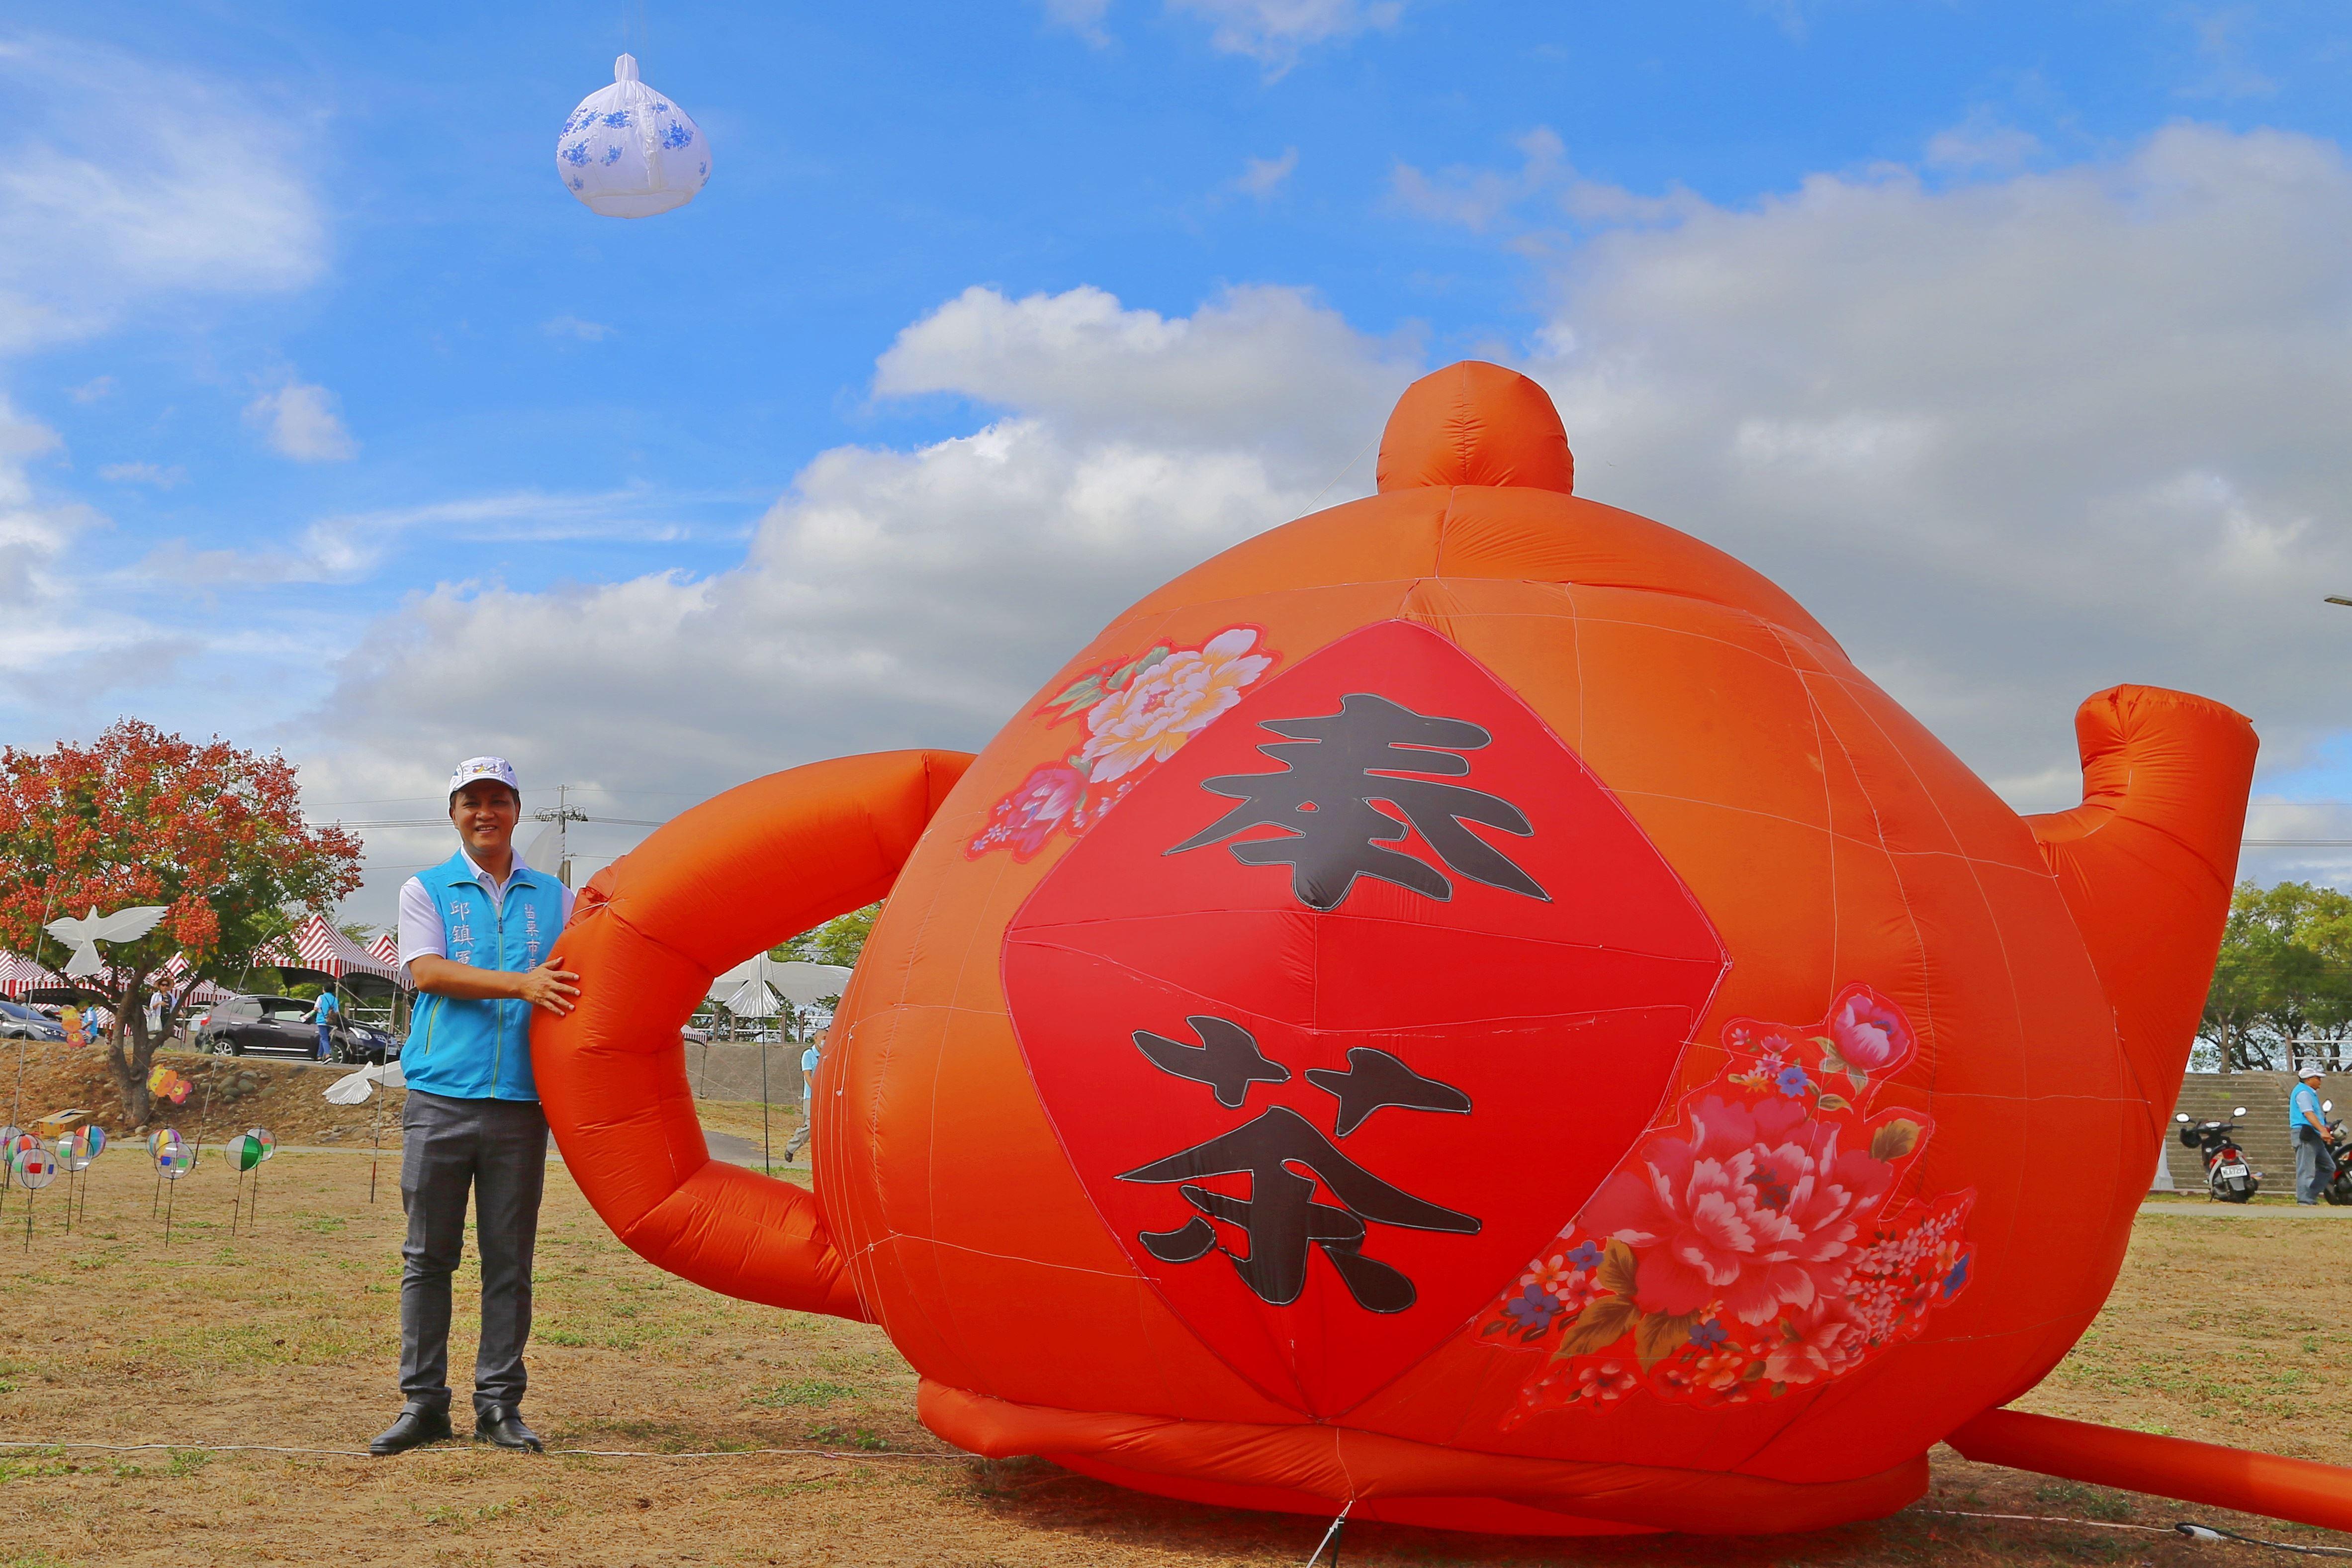 全國唯一客家文化國際風箏節就在苗栗市,10月24、25日邀請民眾一起到苗栗市河濱公園放風箏看表演啖美食